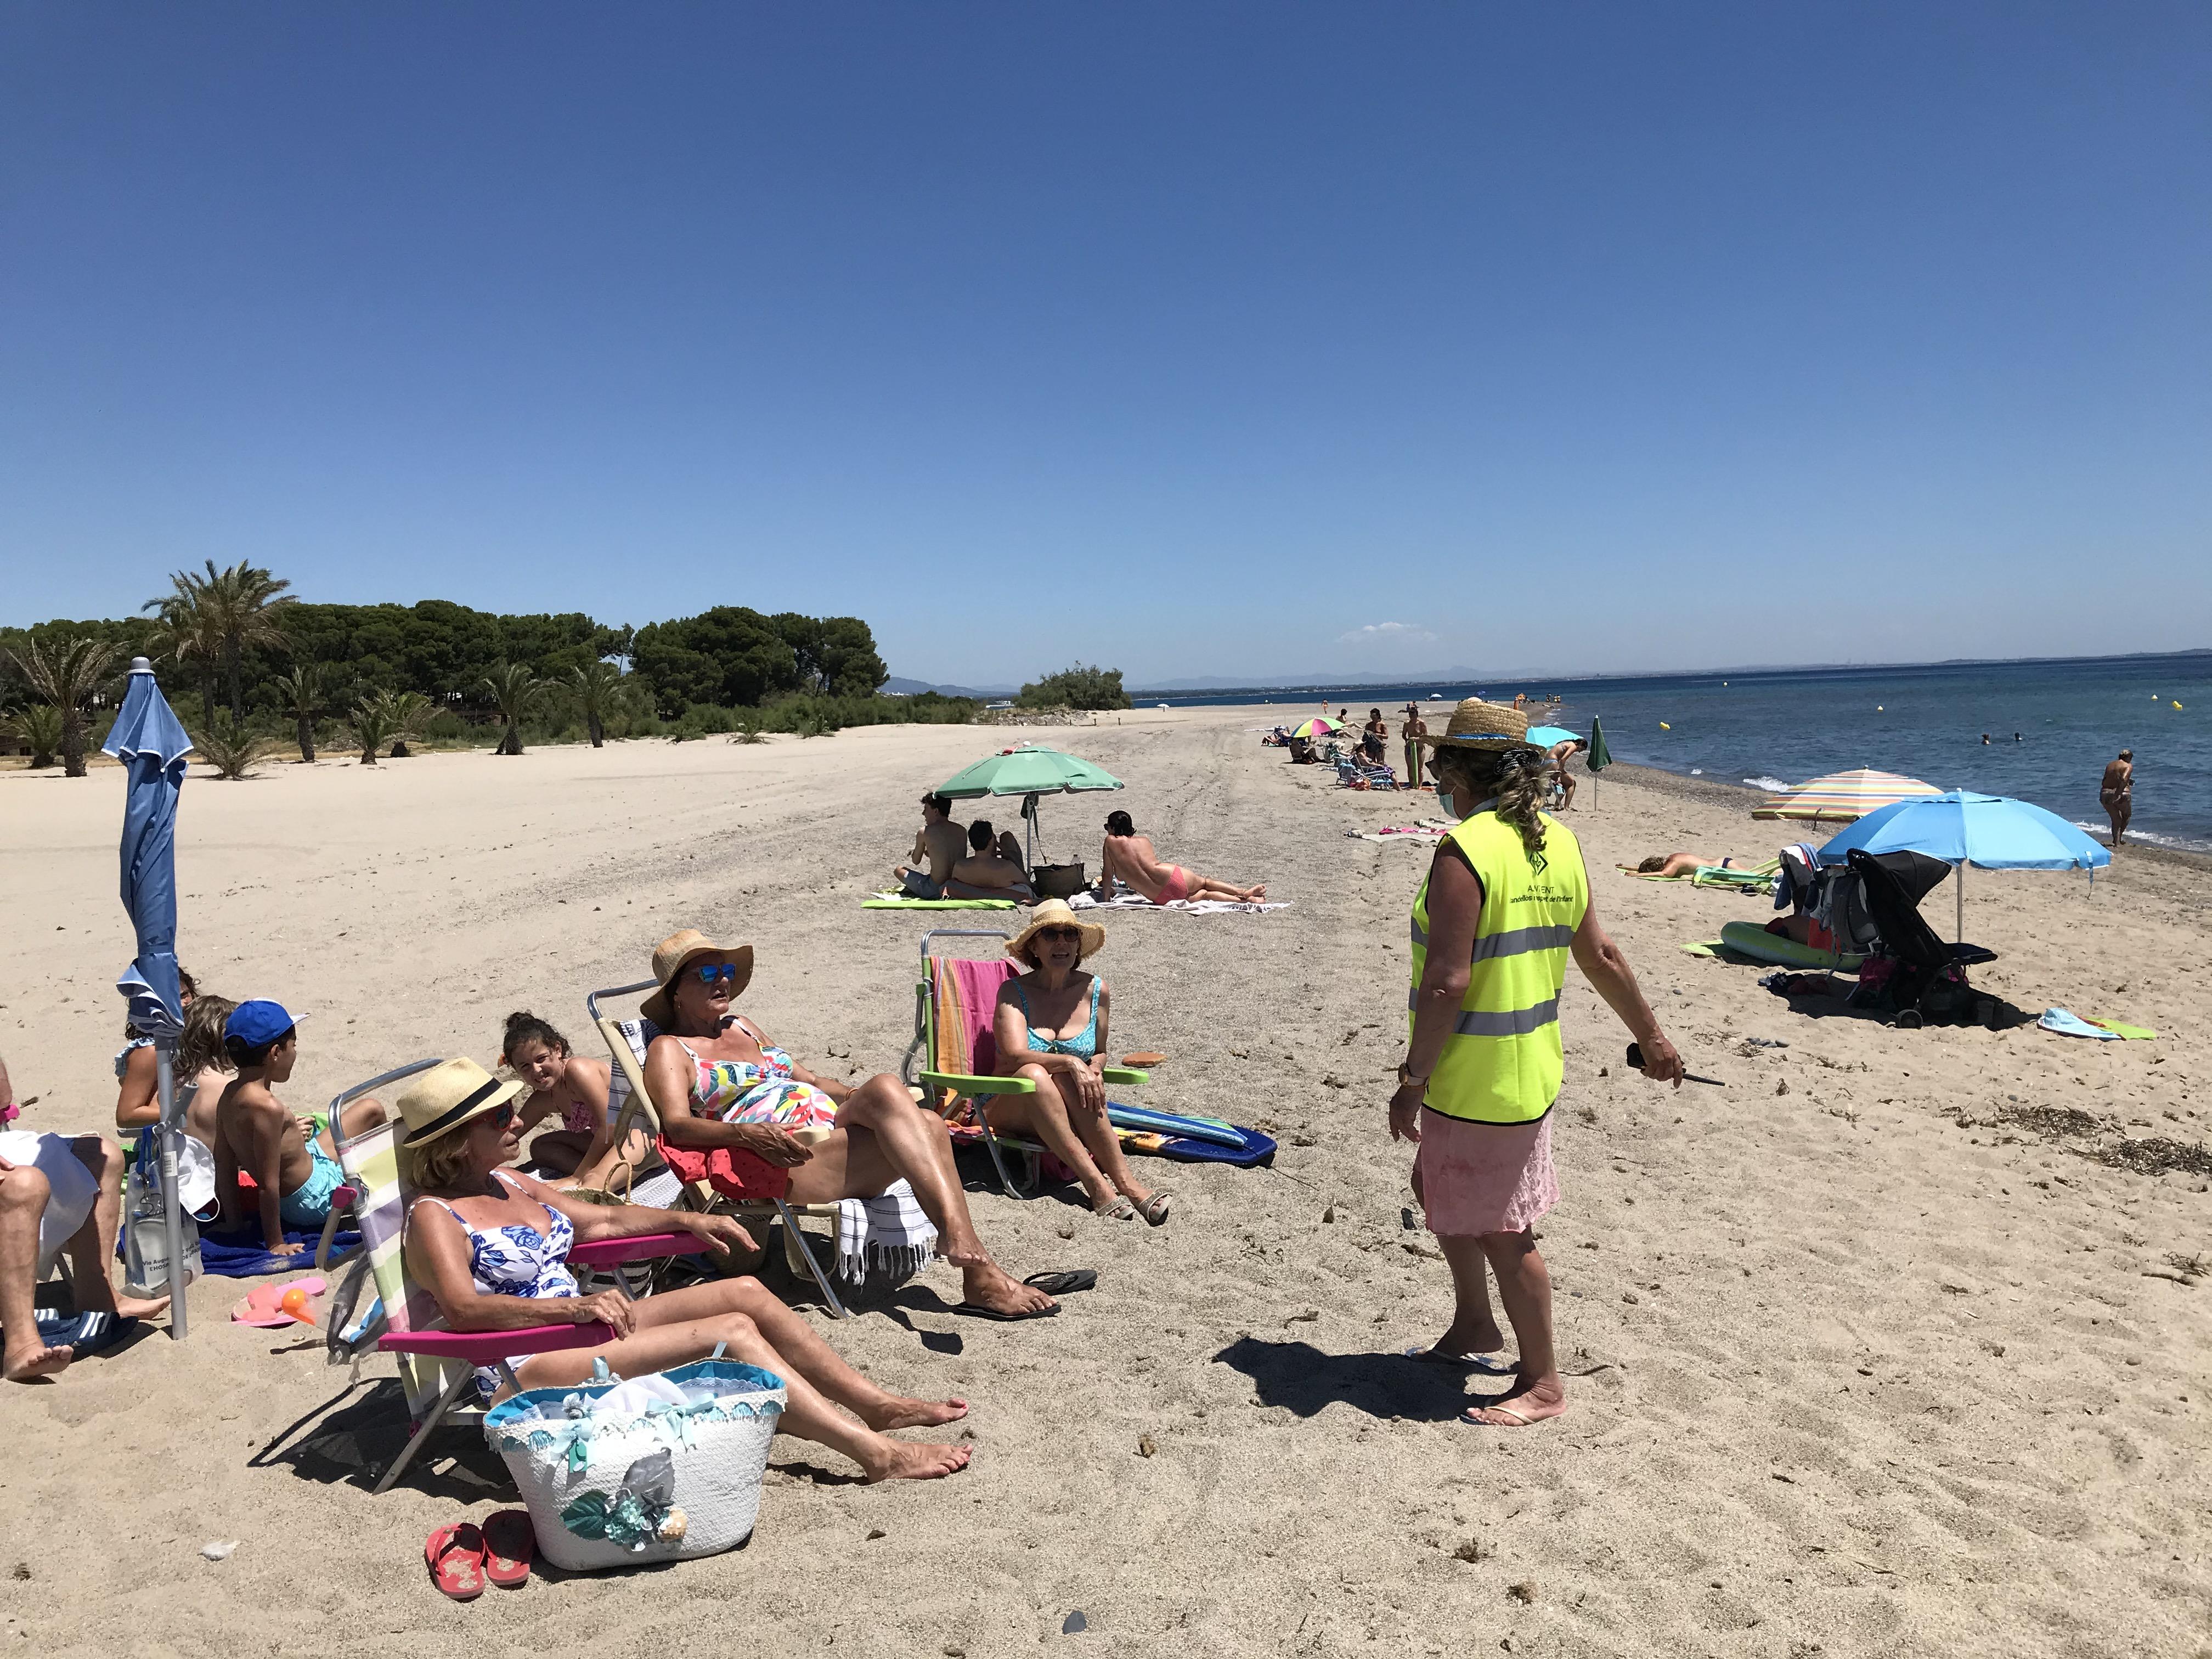 L'Ajuntament de Vandellòs i l'Hospitalet de l'Infant posa en marxa novament el servei dels informadors de platja